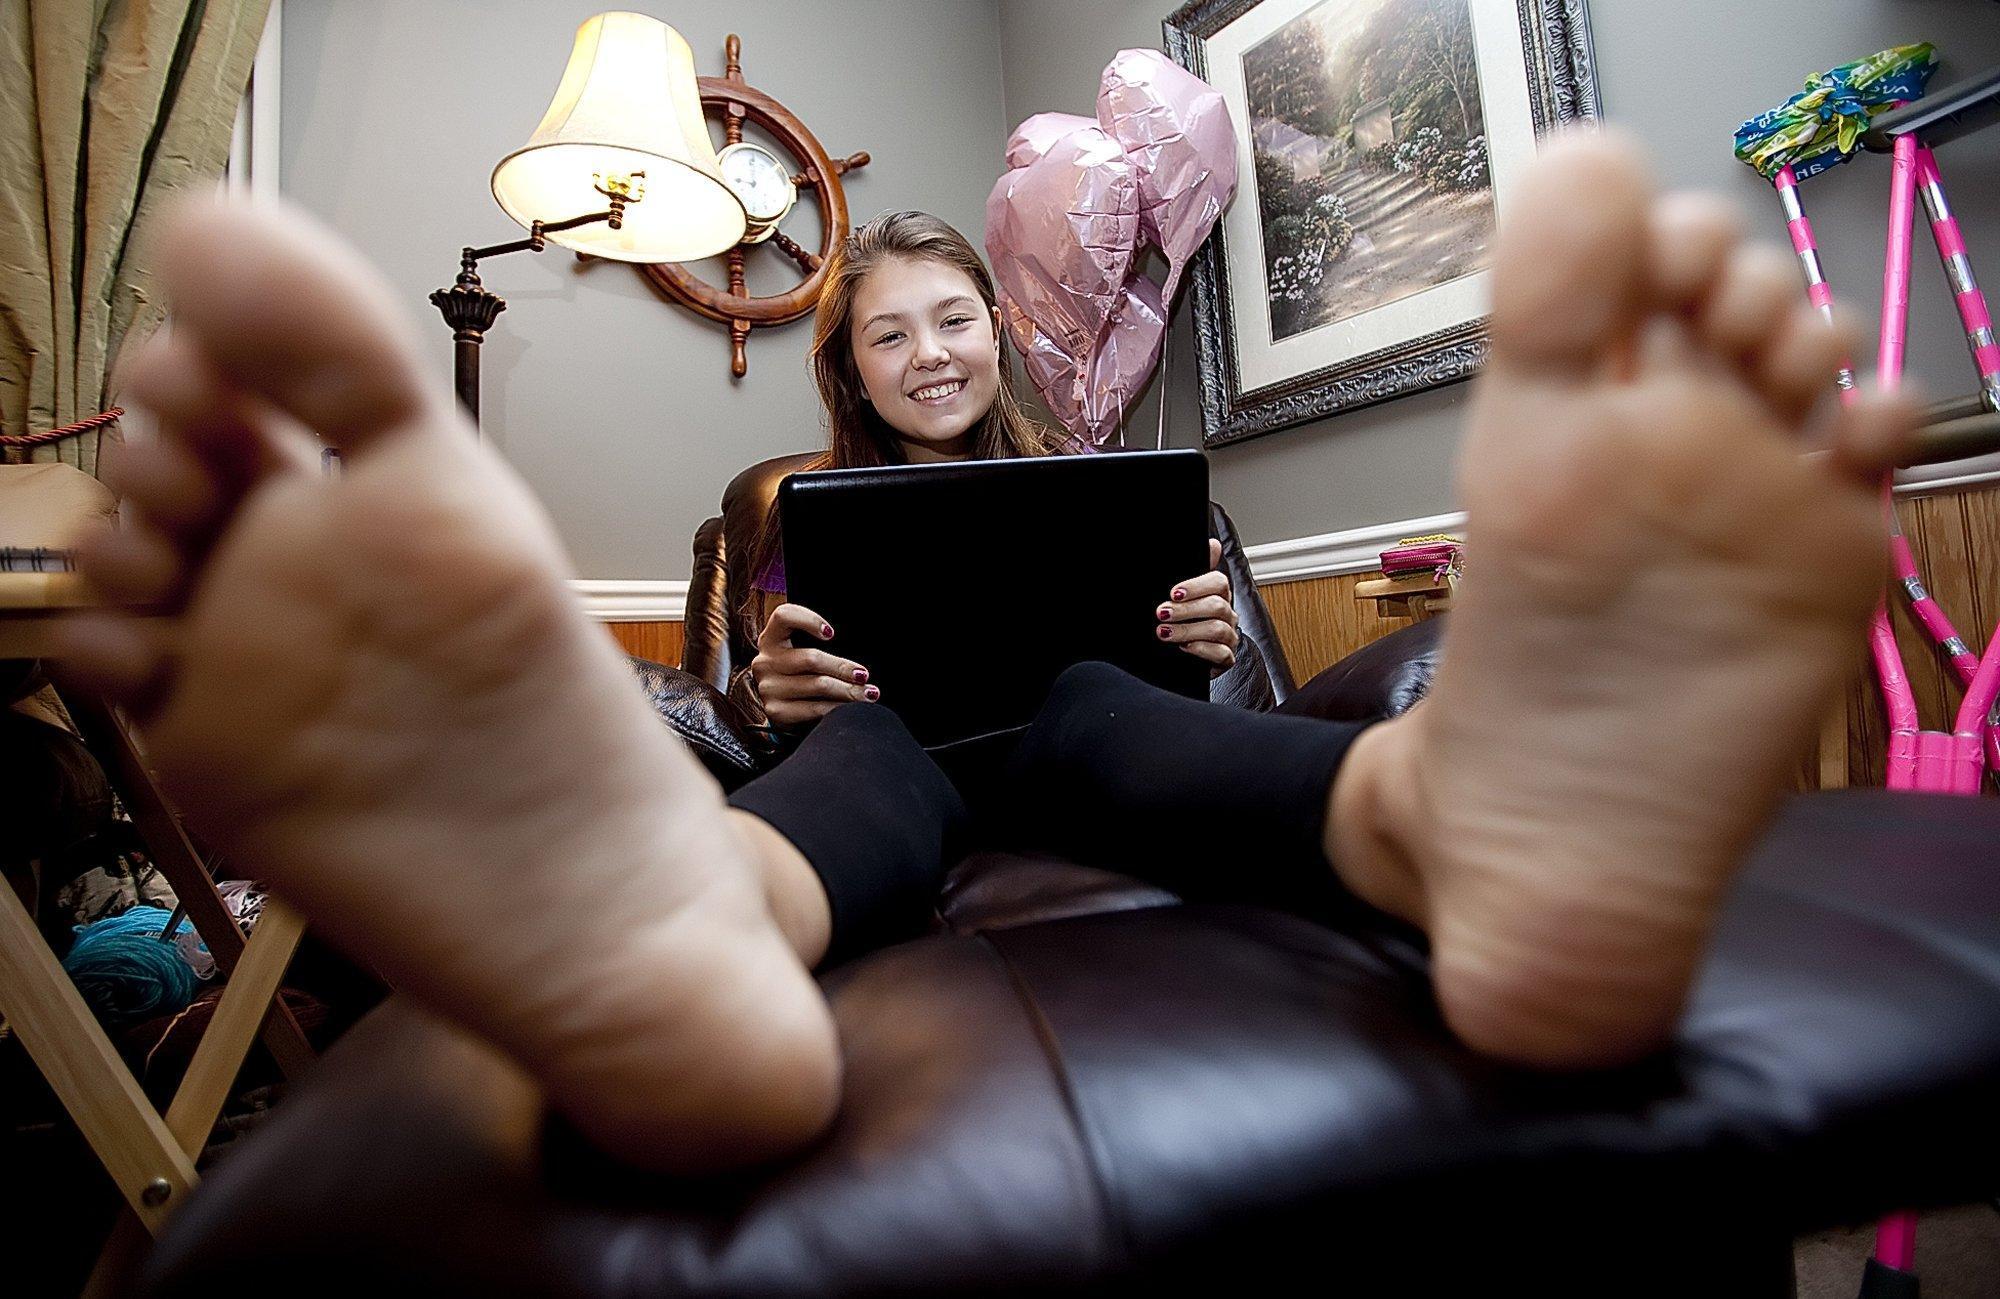 Cirrus reccomend Teen feet hot teen